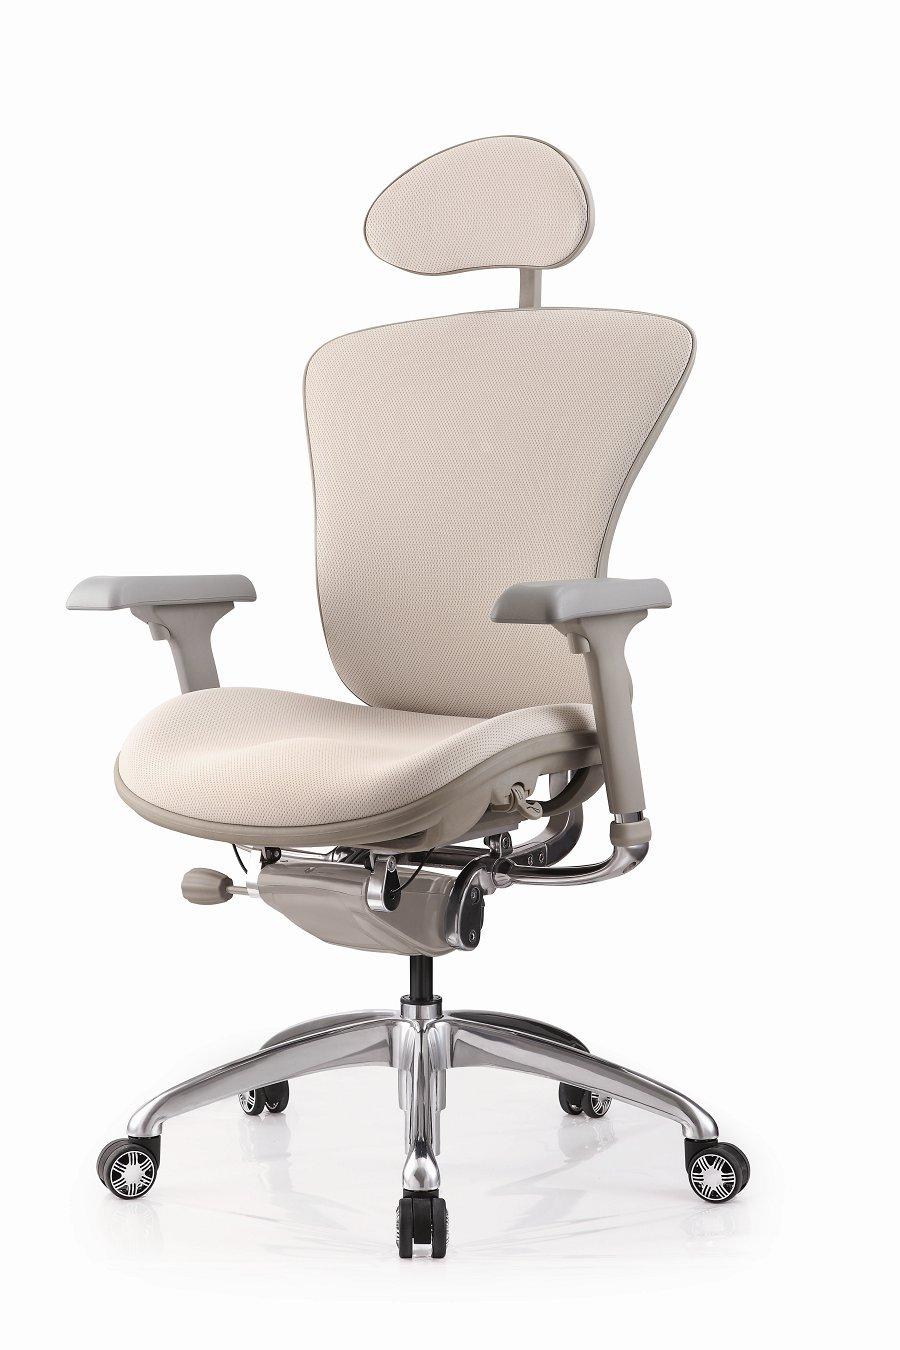 人体工学电脑椅子